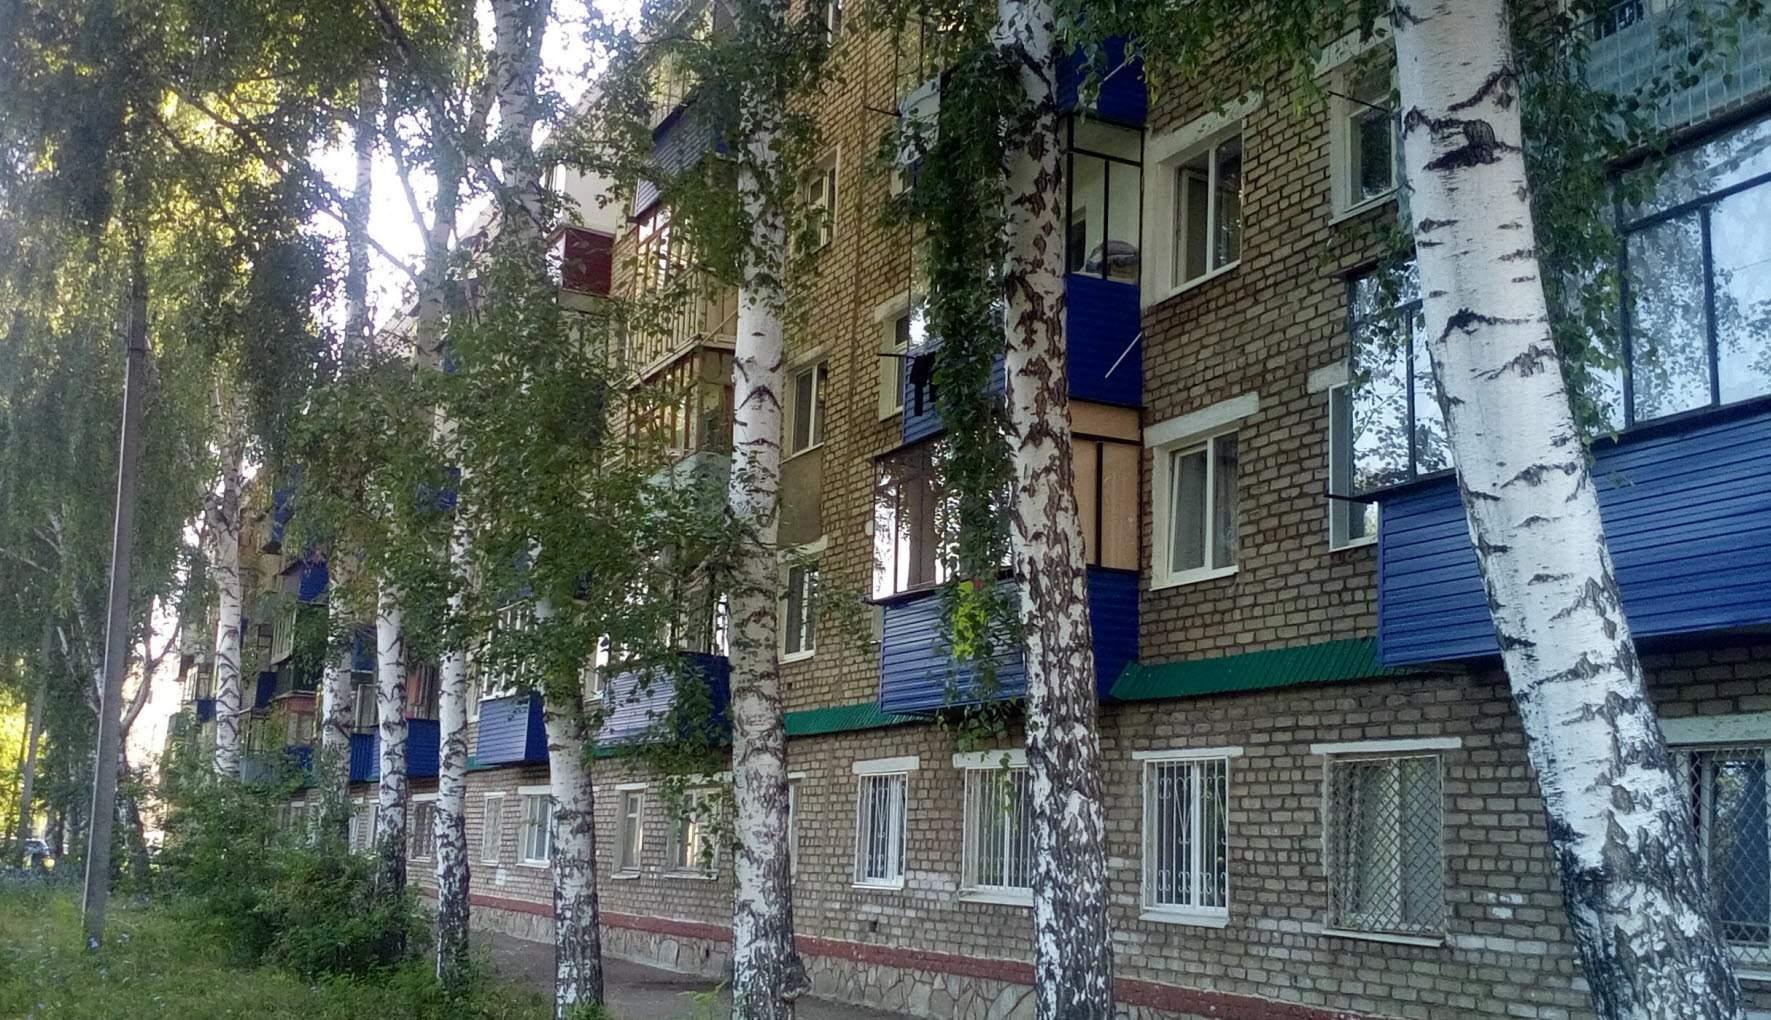 Продажа 1-комнатной квартиры, Стерлитамак, Худайбердина улица,  д.192